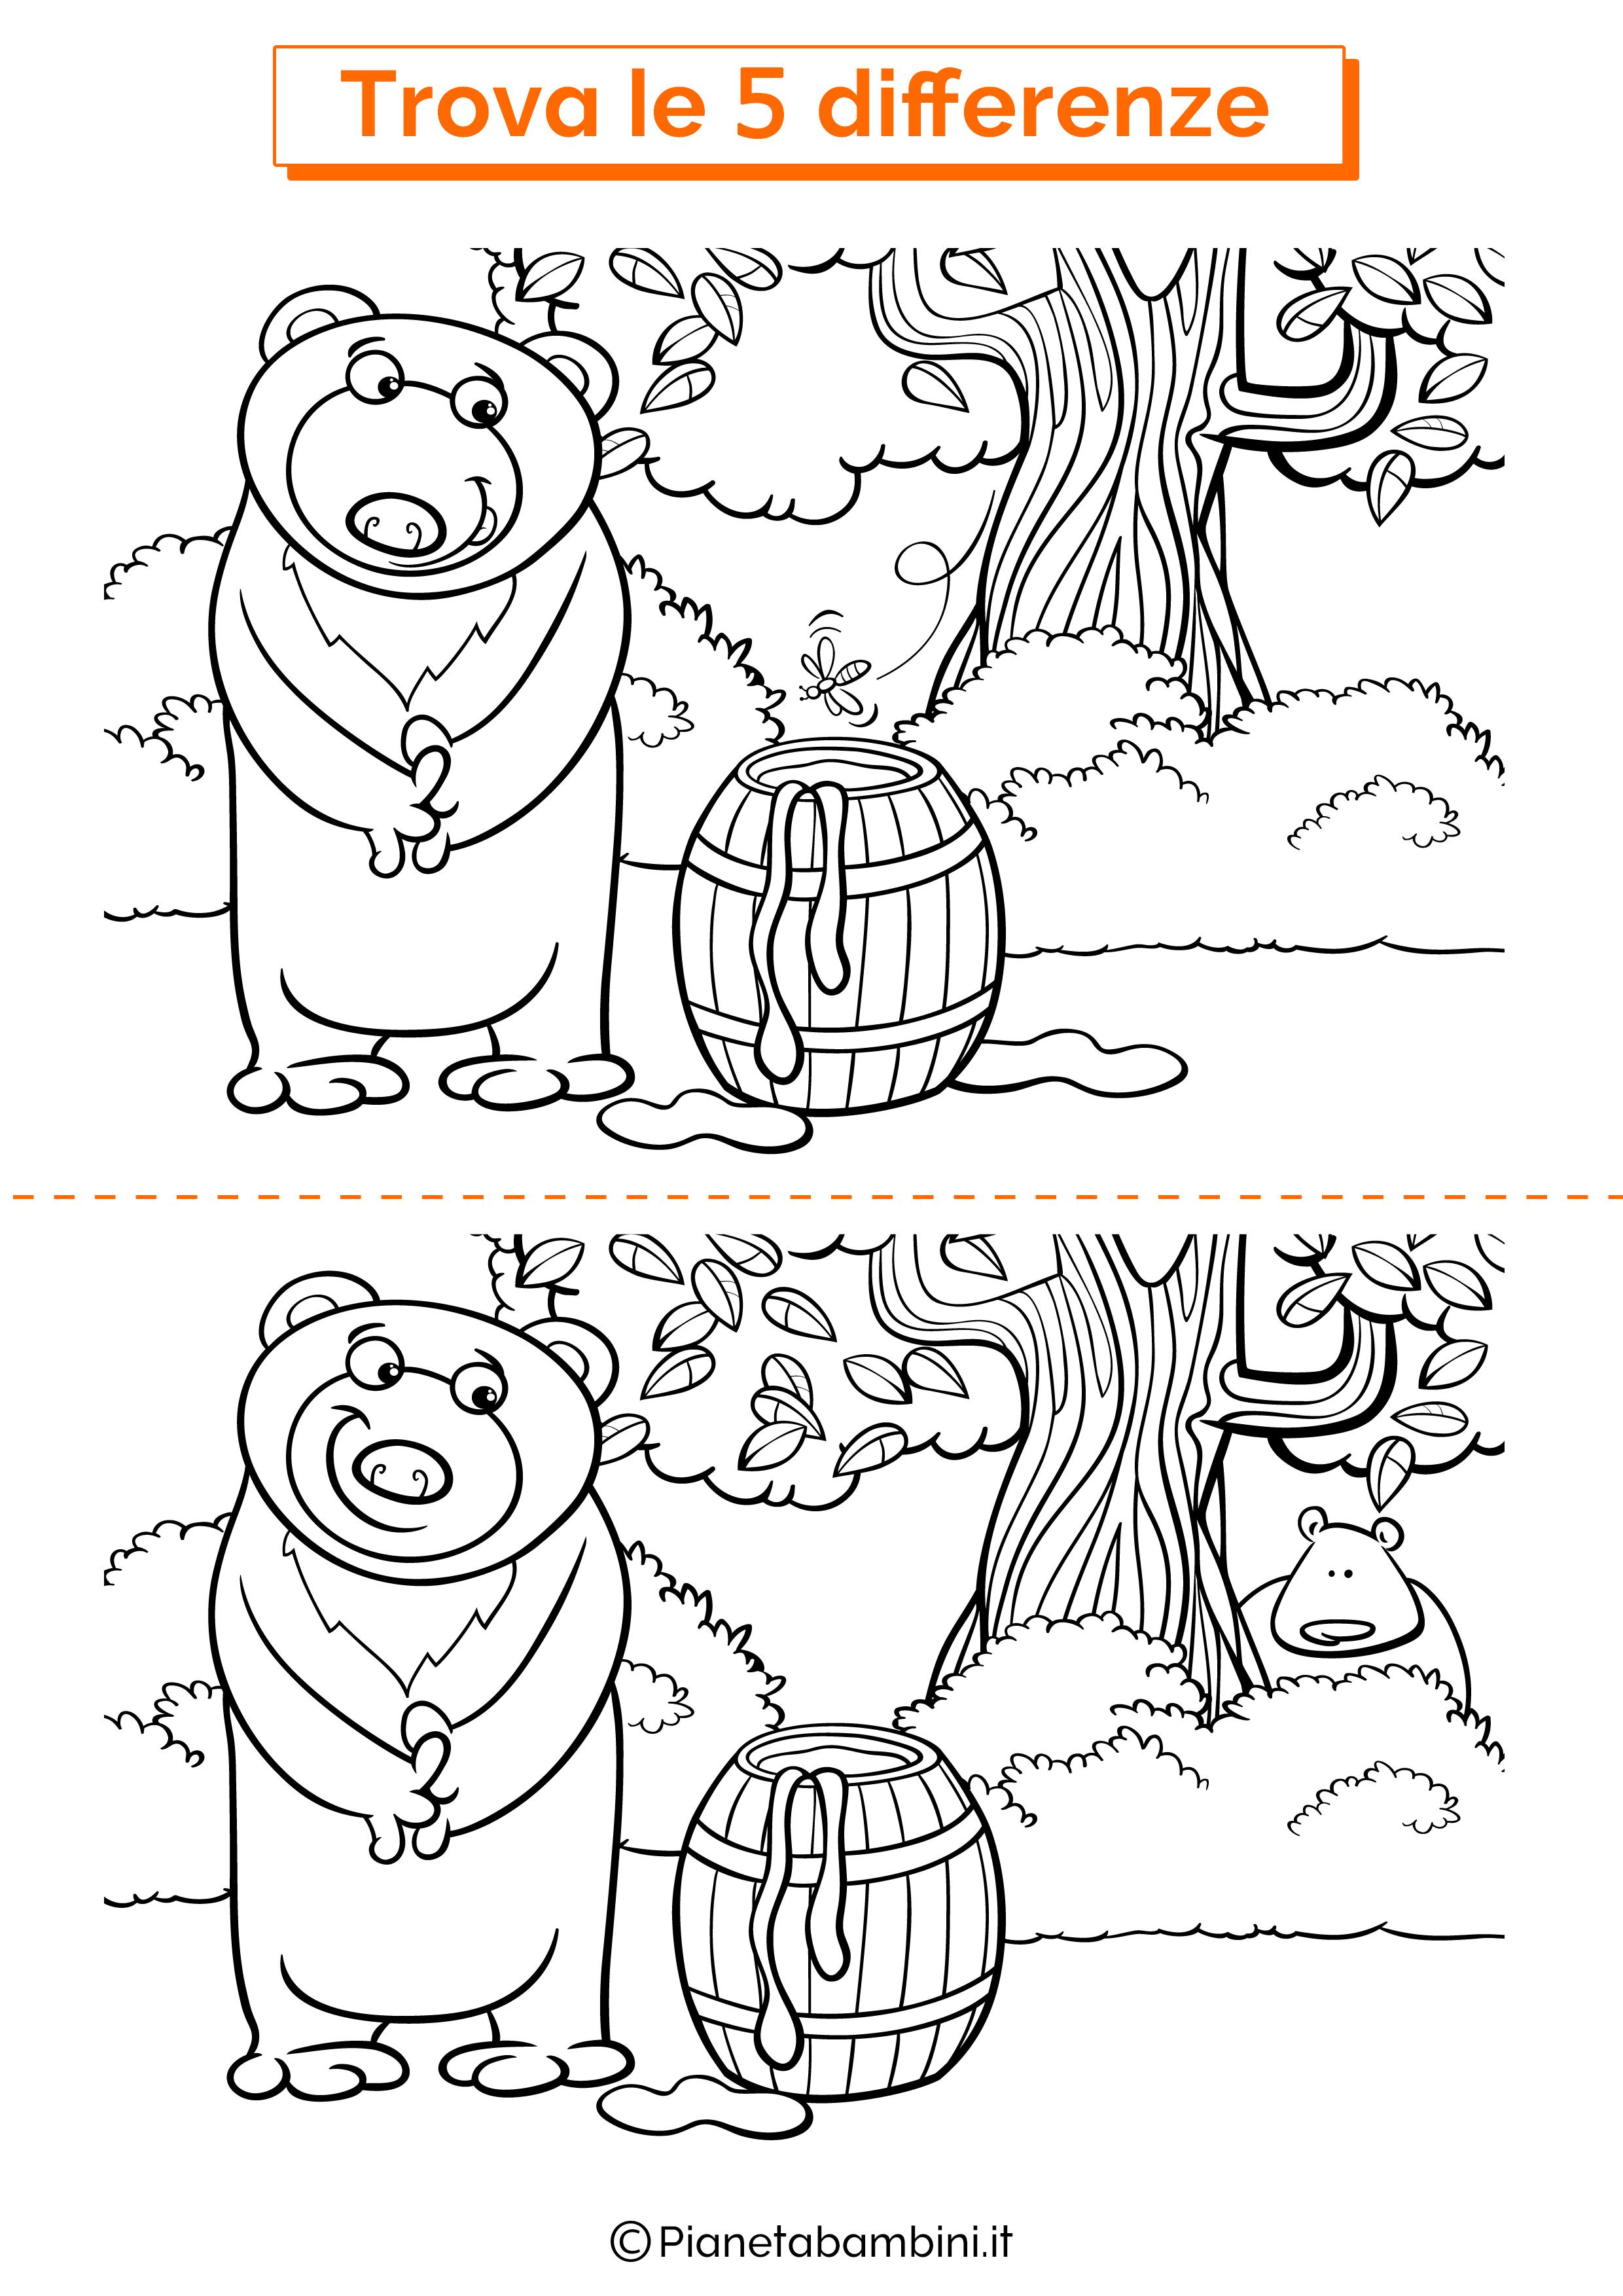 Disegno trova 5 differenze orso